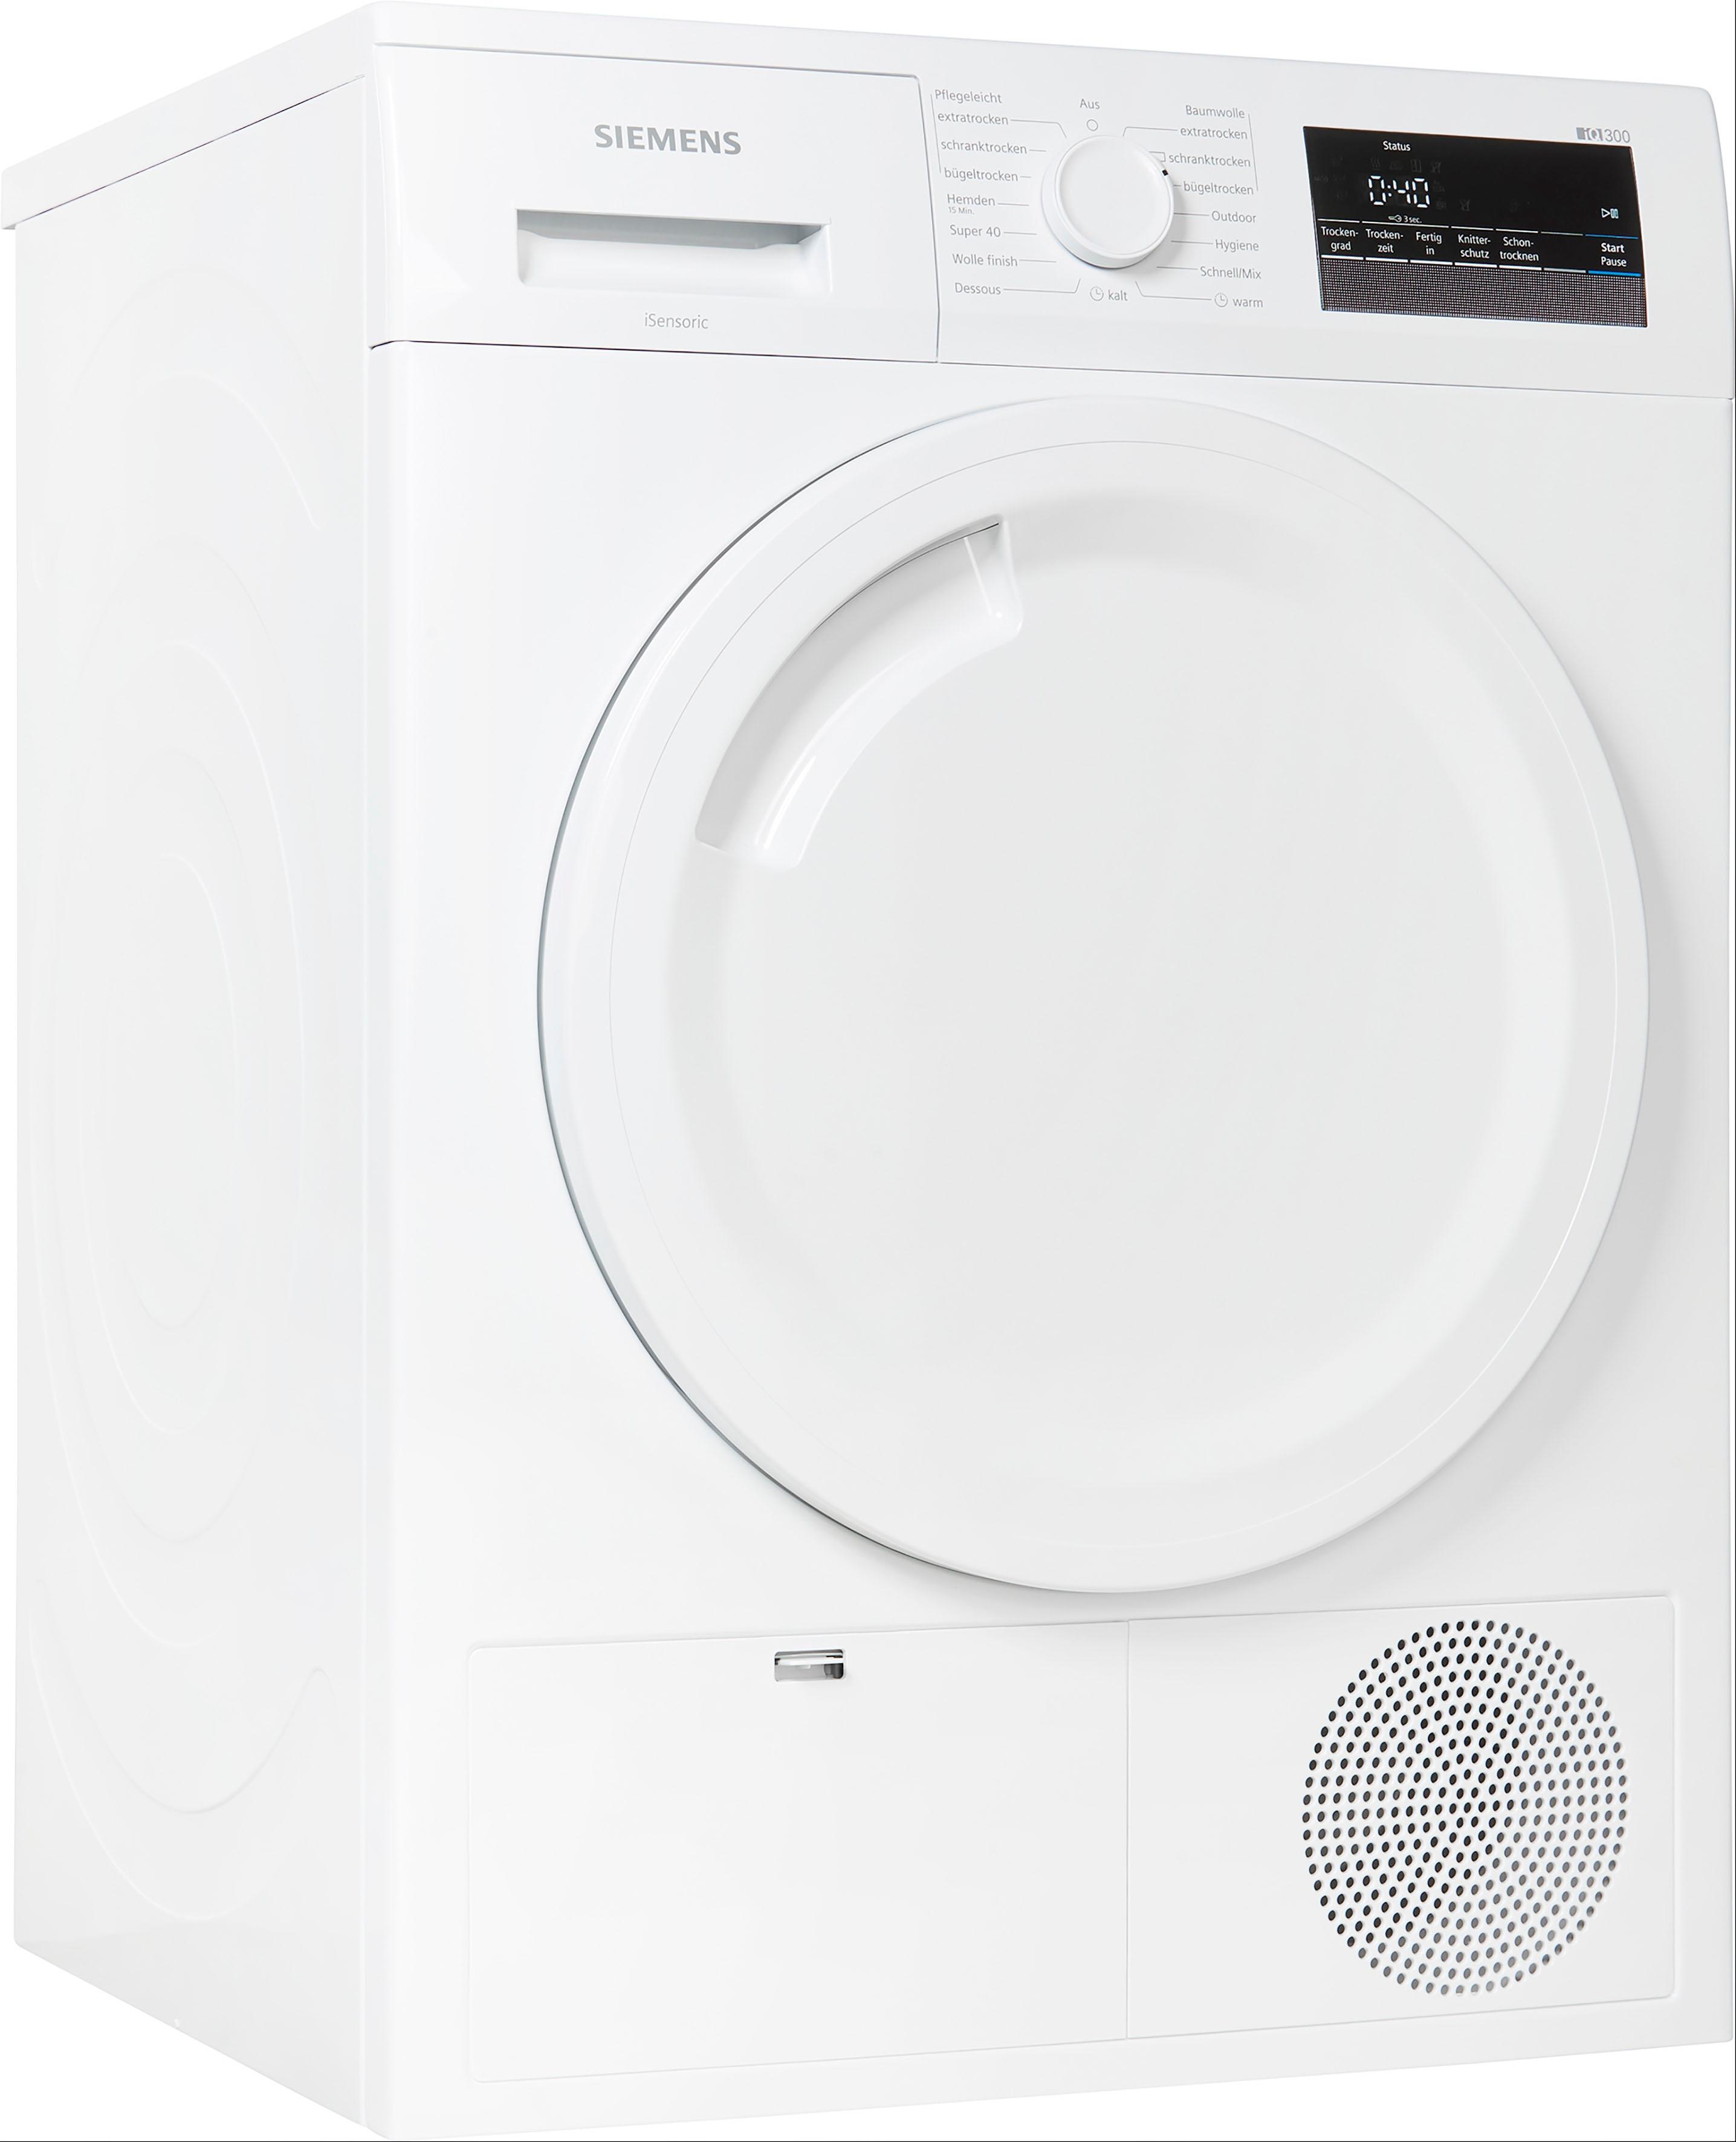 SIEMENS Kondenstrockner iQ300 WT43N202, 8 kg   Bad > Waschmaschinen und Trockner > Kondenstrockner   Siemens